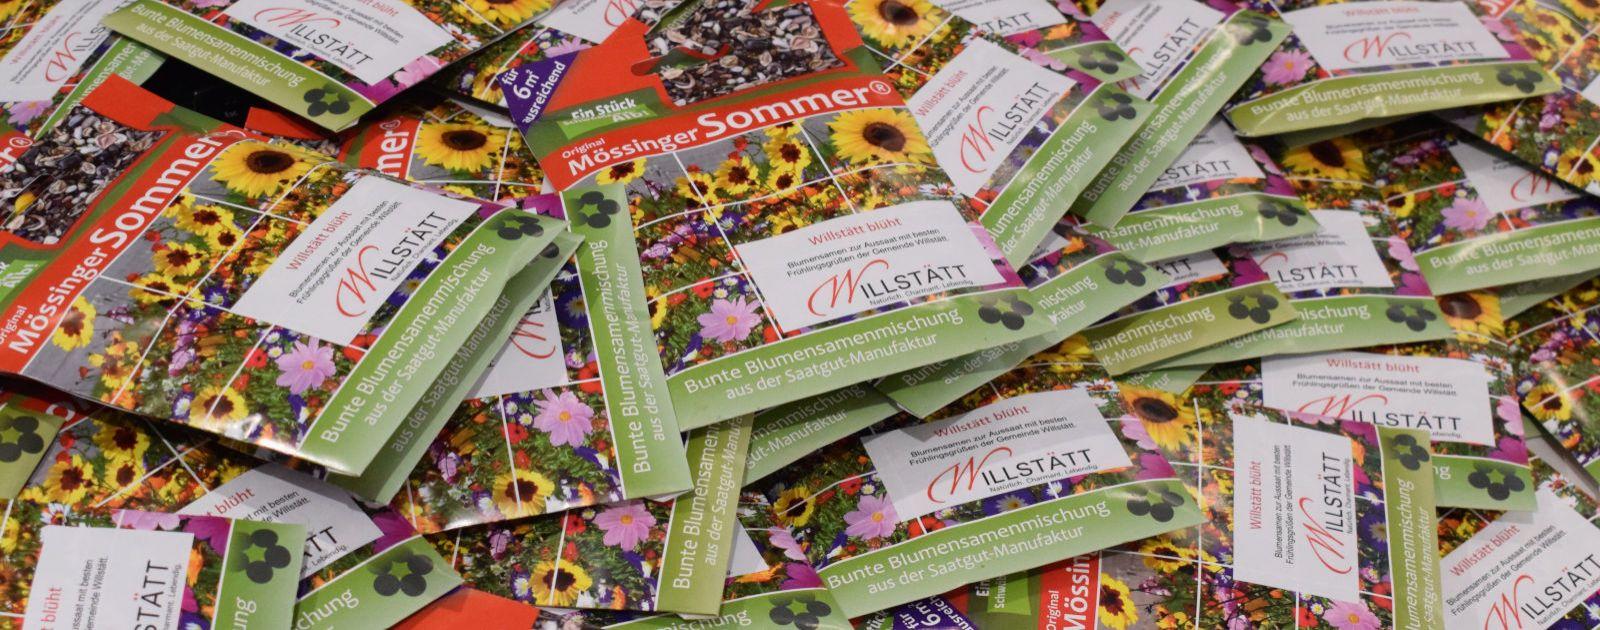 Samentütchen für Sommerblumen